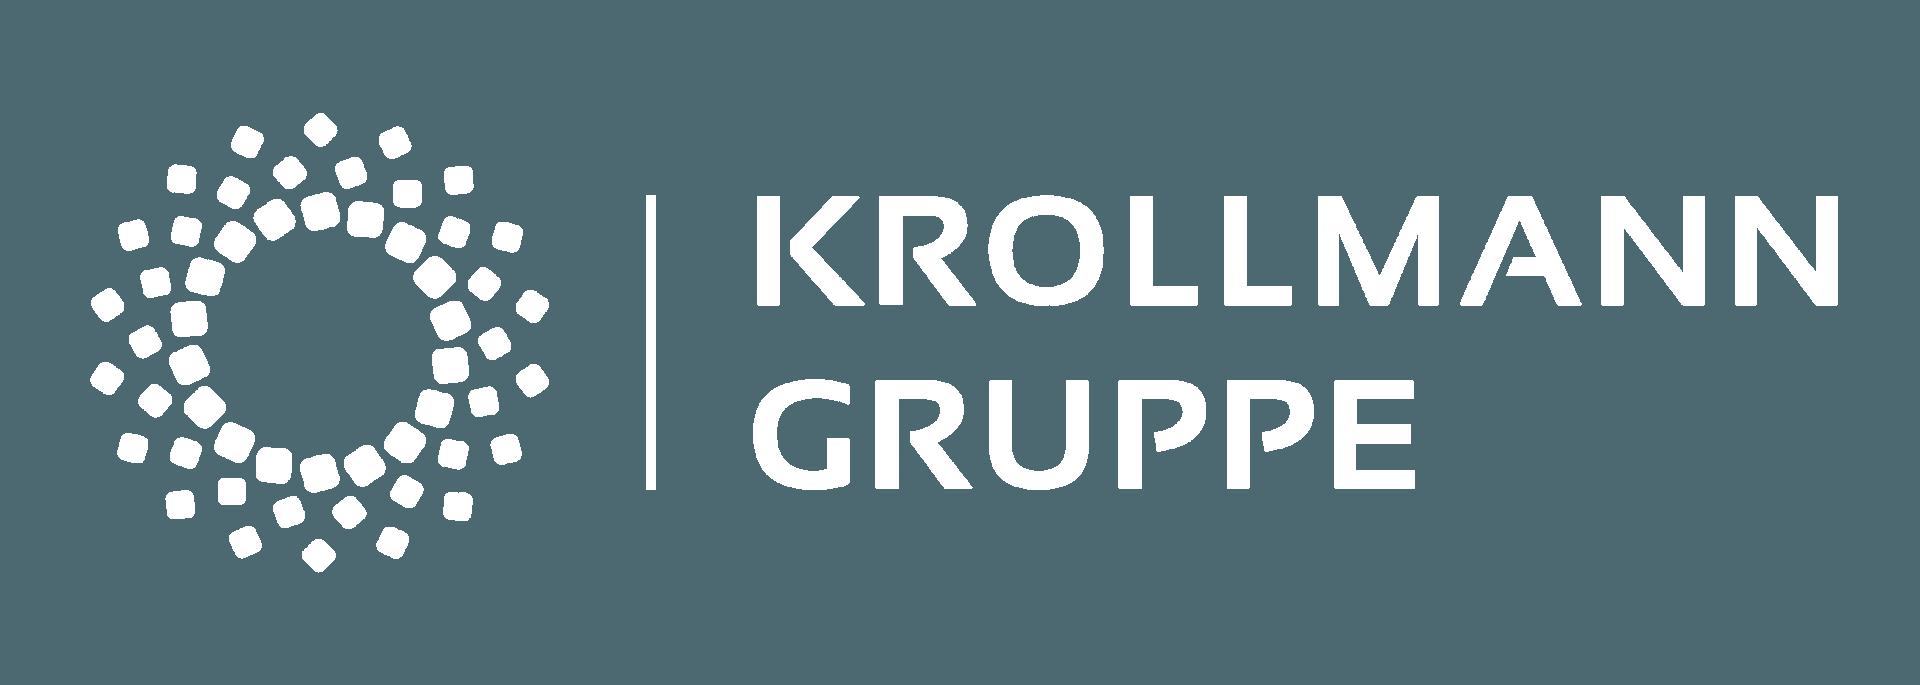 Krollmann Gruppe GmbH in Berlin